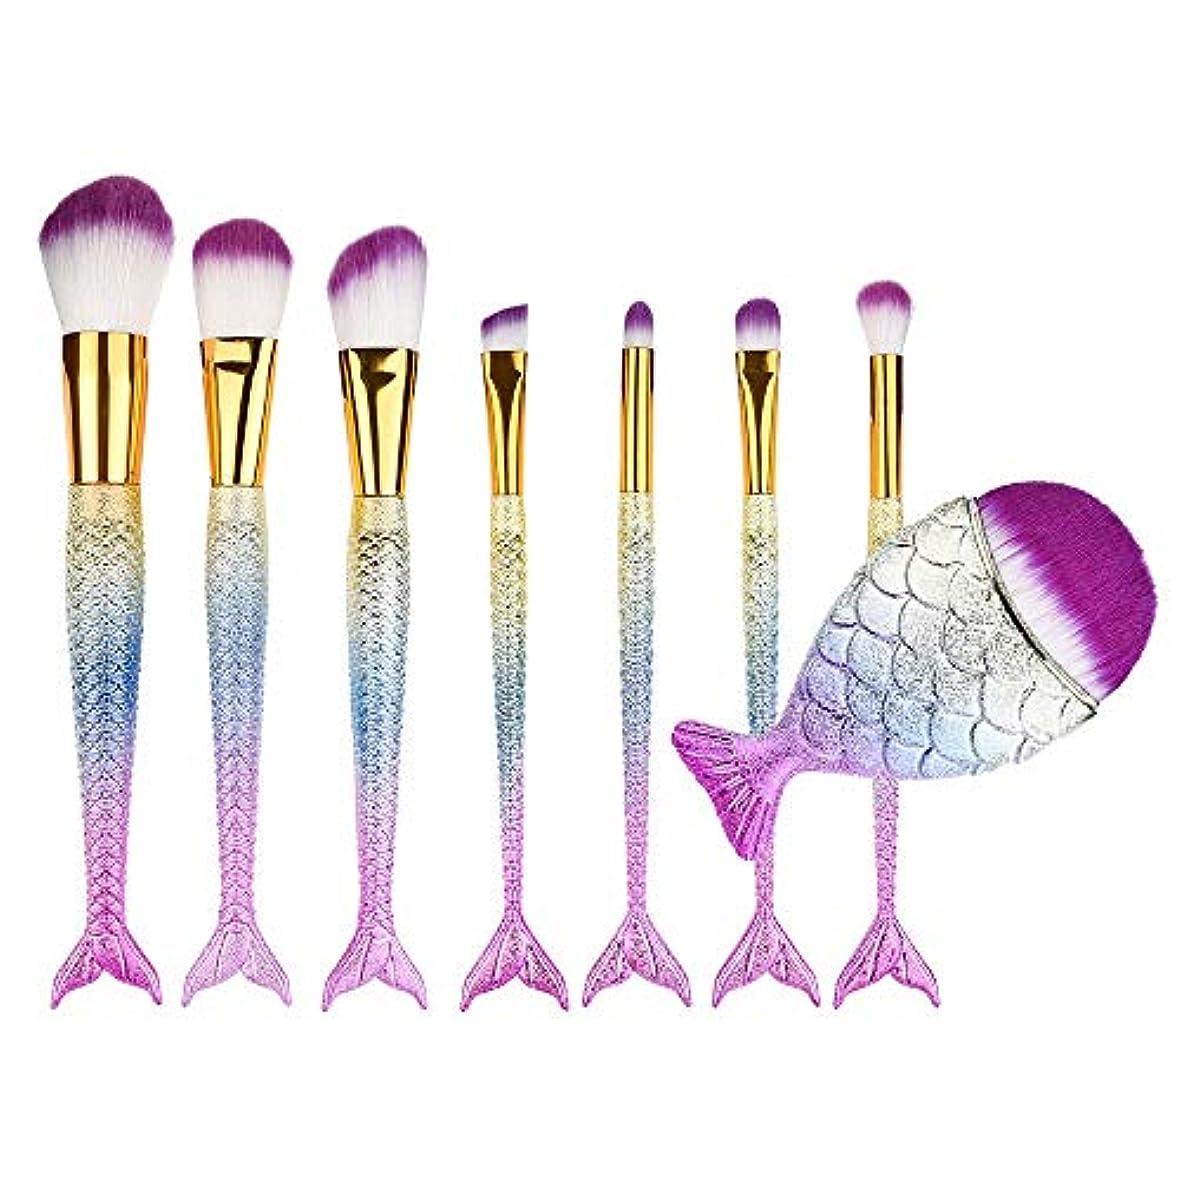 ベジタリアン感謝する堤防Akane 8本 人魚 紫系 高級 エレガント 魅力的 上等 綺麗 美感 多機能 おしゃれ 柔らかい 激安 たっぷり 日常 仕事 Makeup Brush メイクアップブラシ